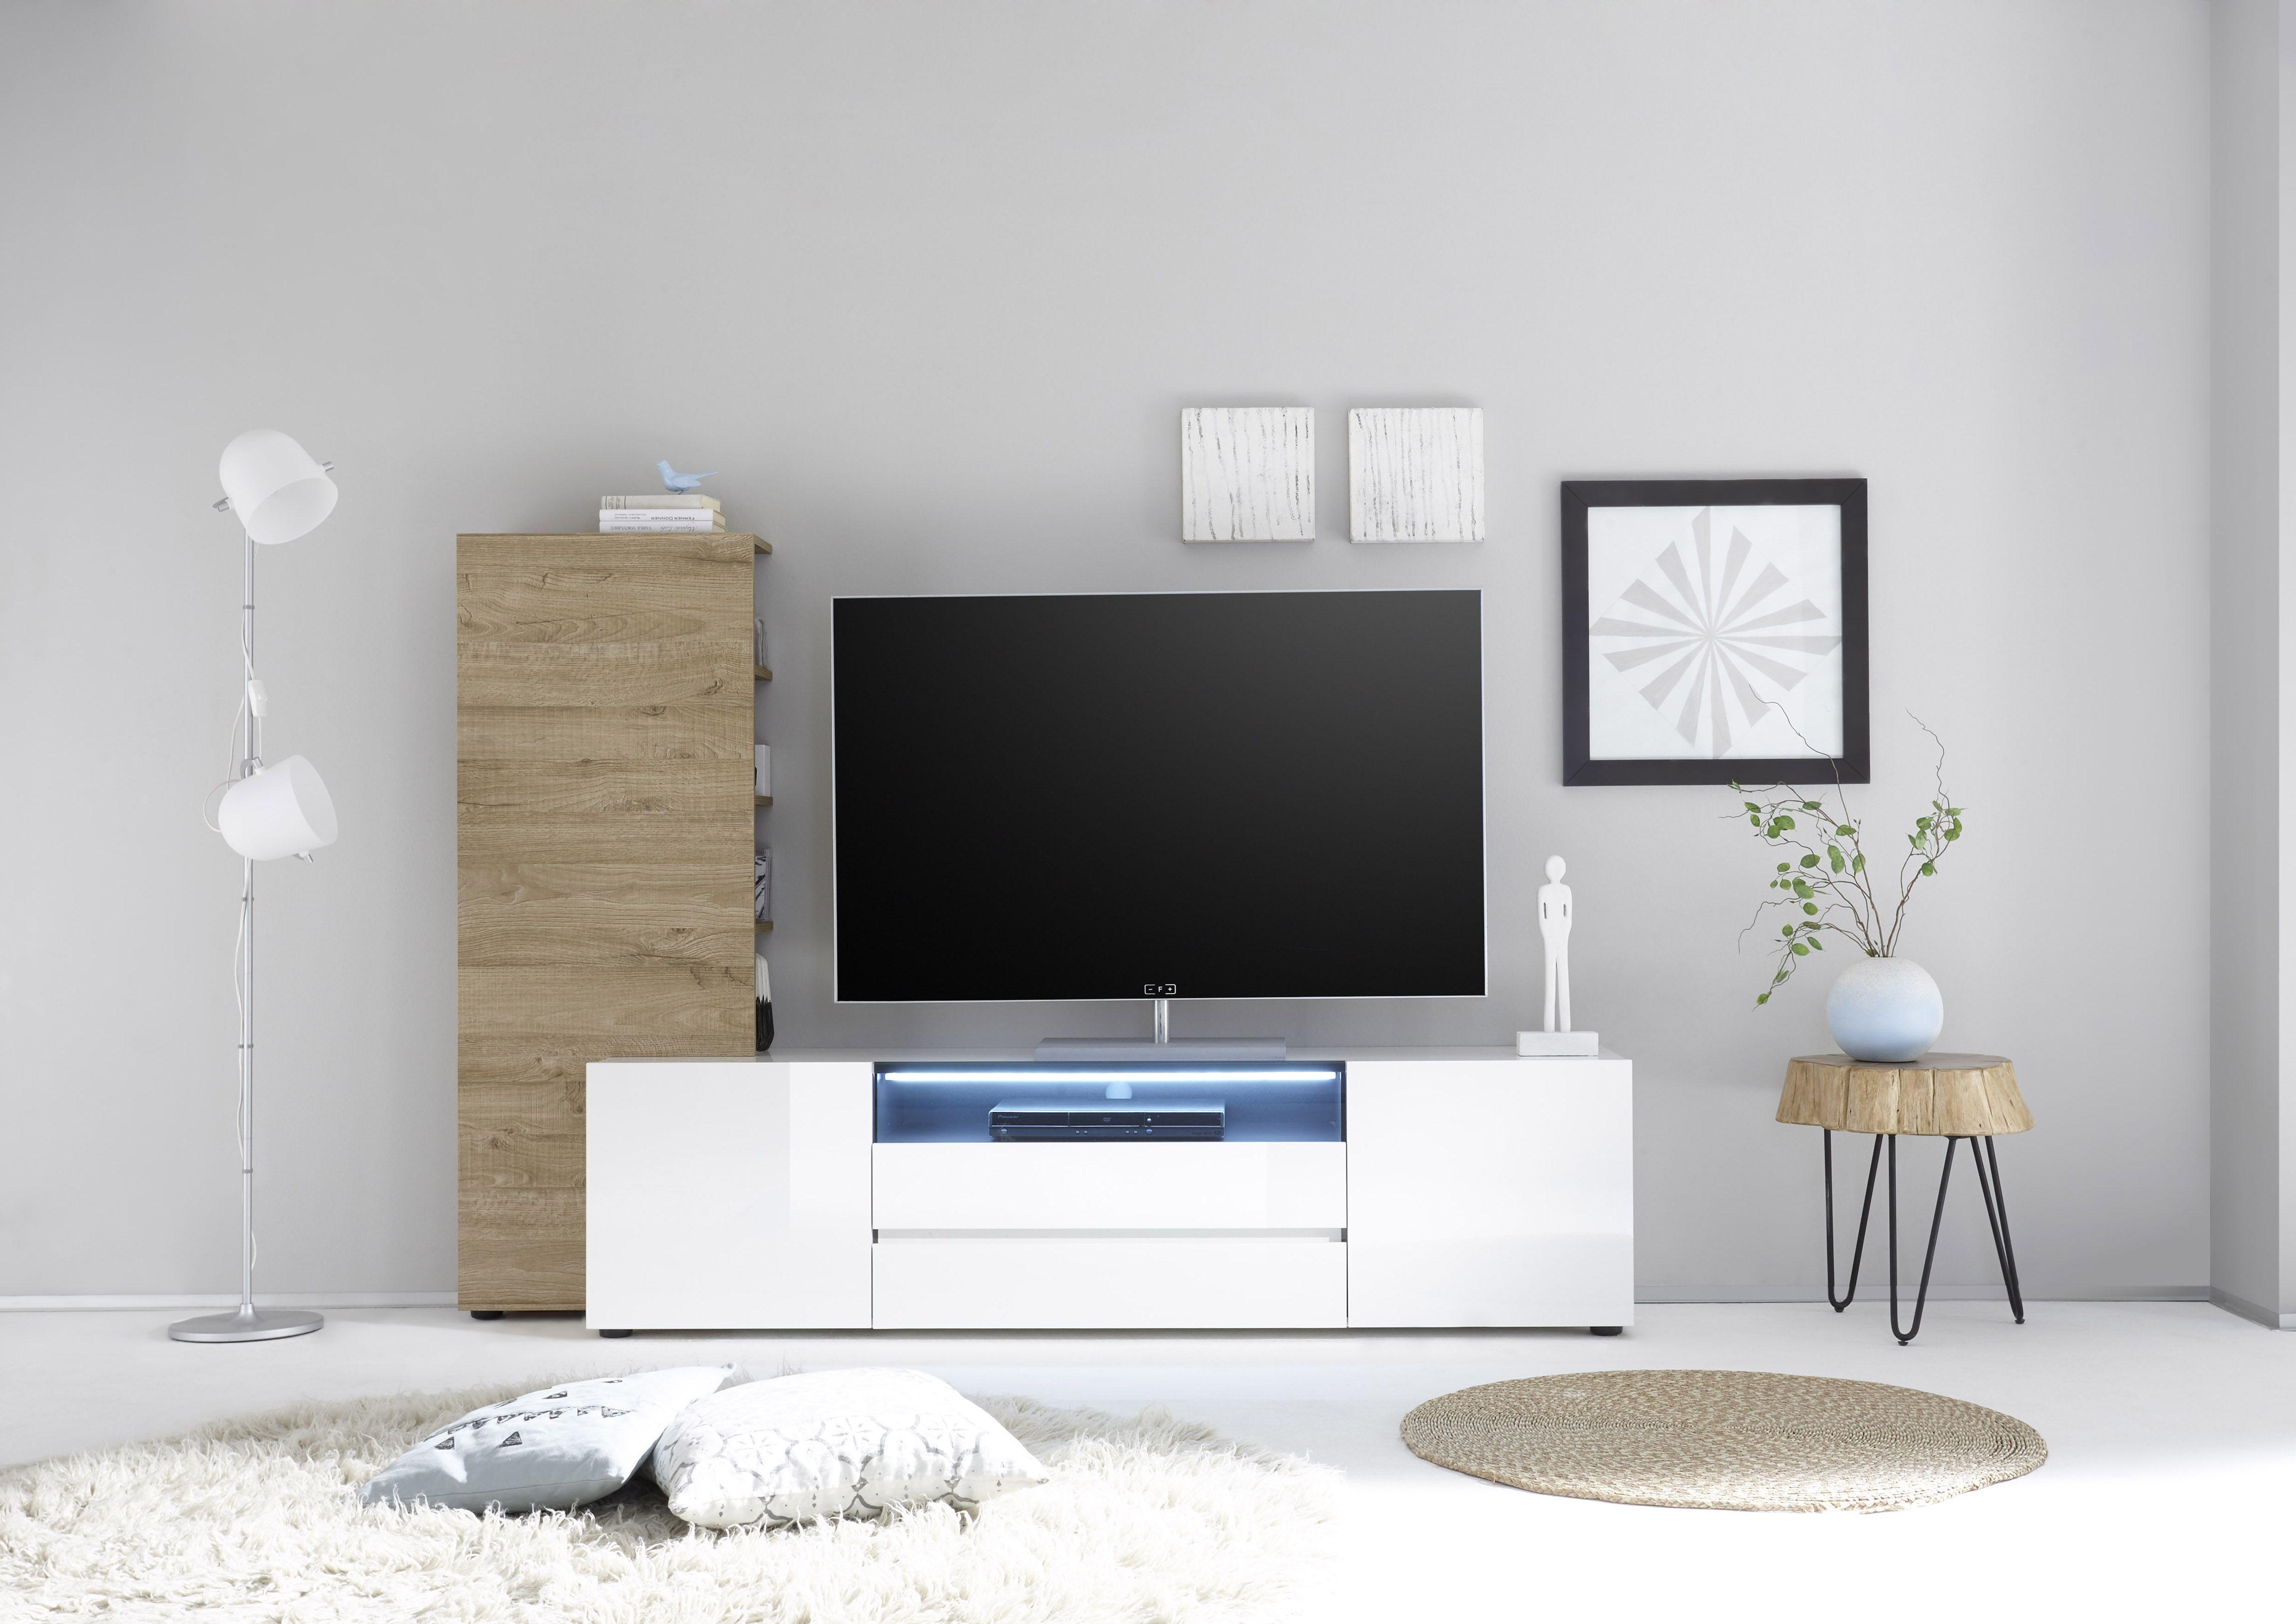 Wunderbar Hifi Regal Holz Ideen Von Tv Lowboard Mit Weiss Hochglanz/ Eiche Natur